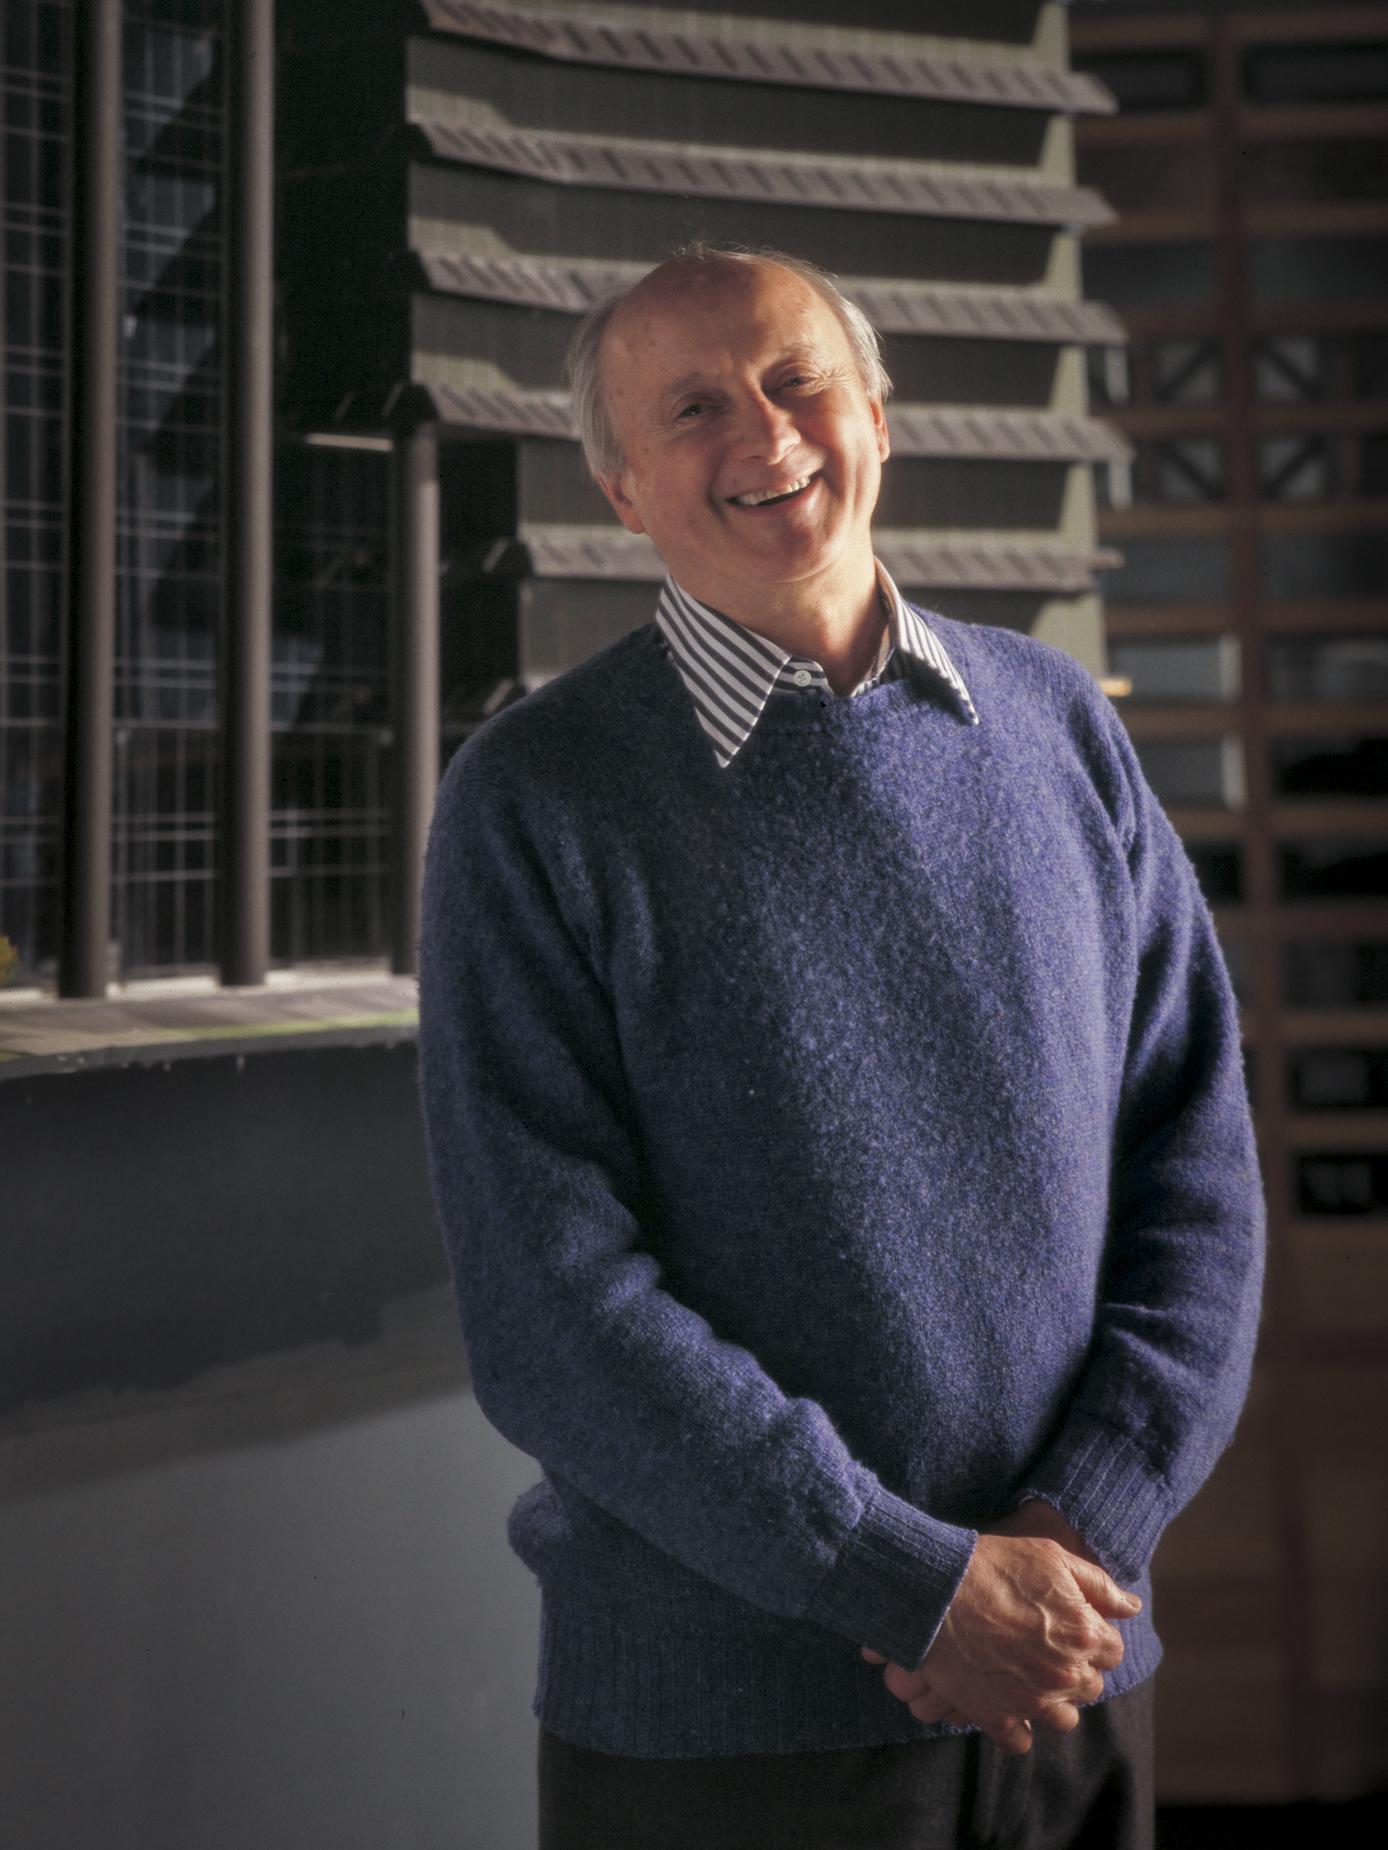 Kevin Roche, Architect